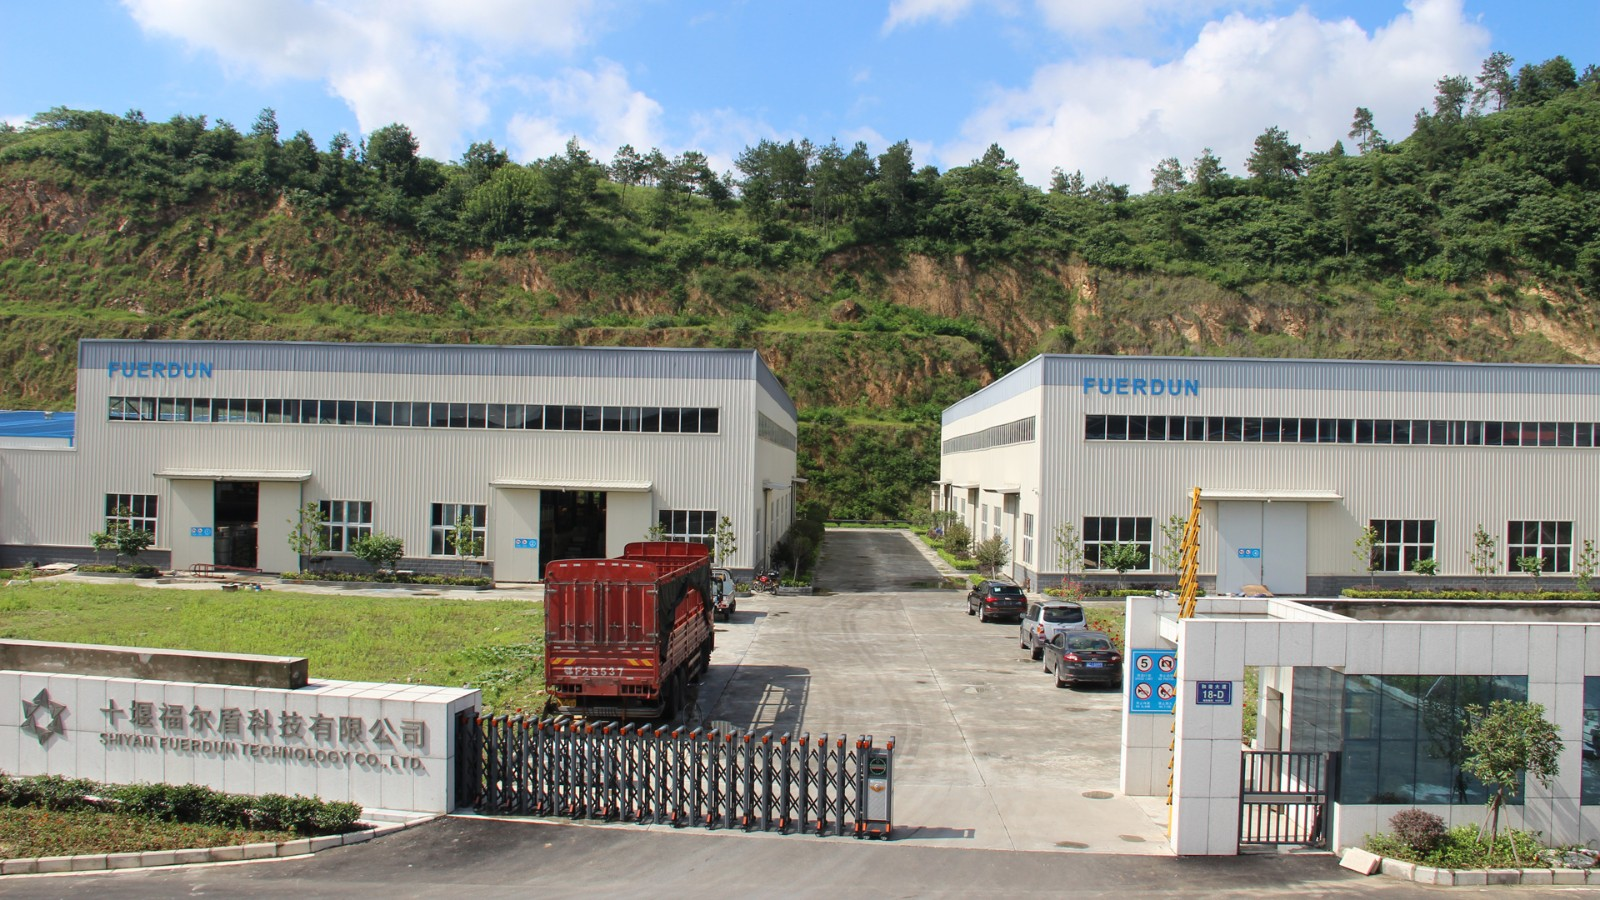 Shiyan Fuerdun Technology Co., Ltd.